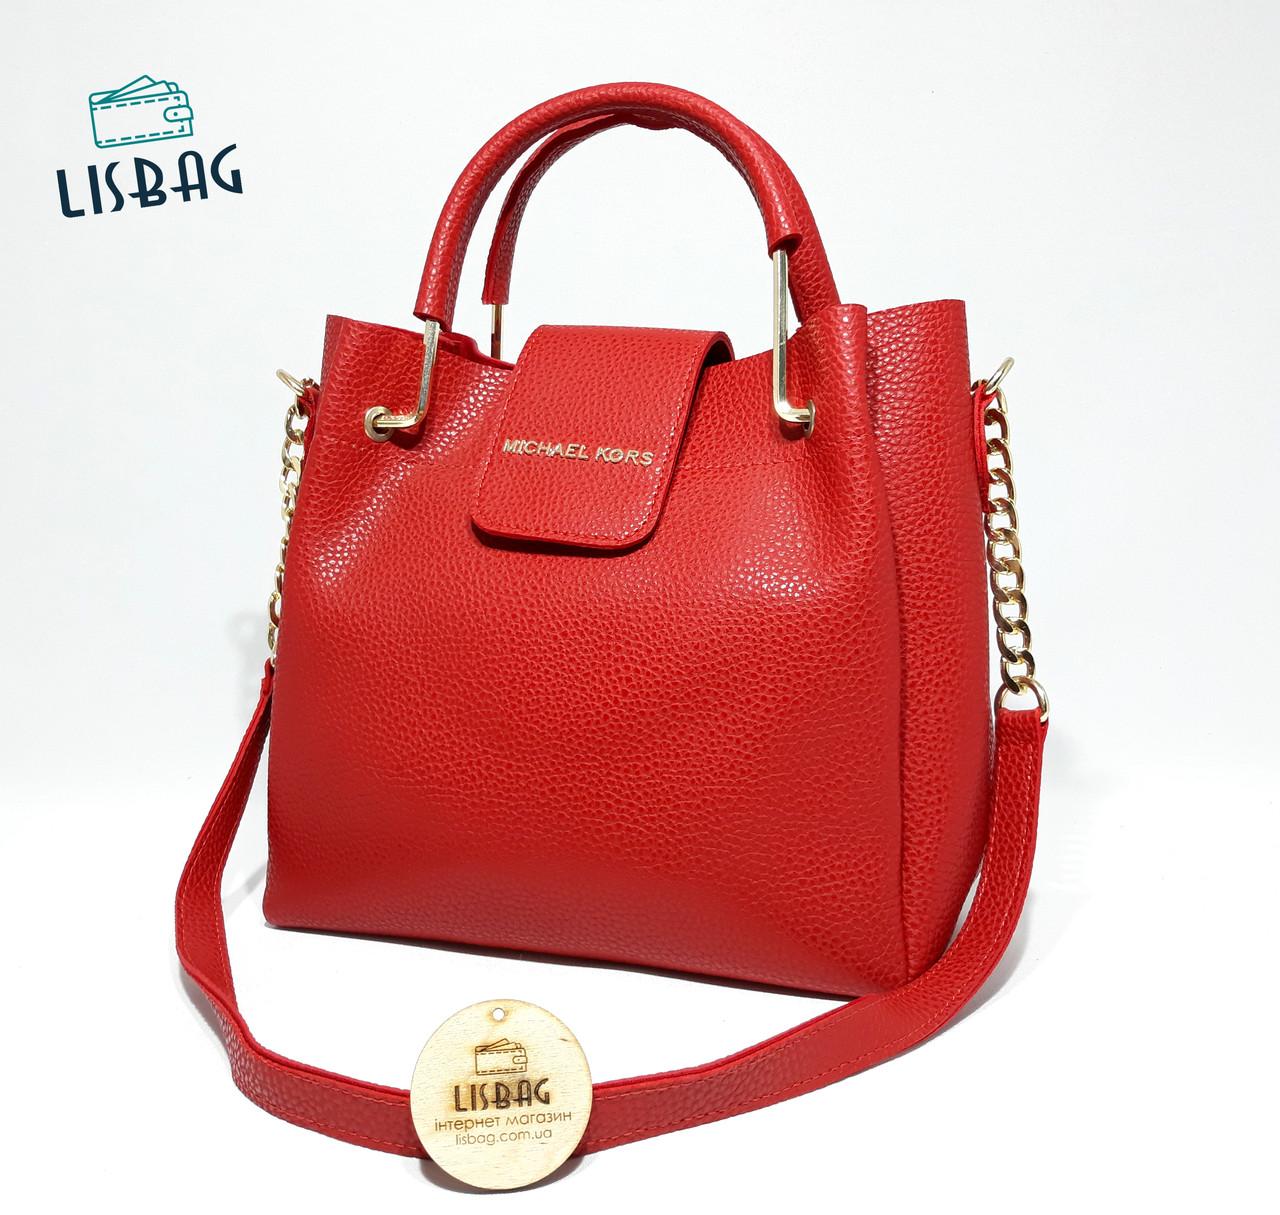 f6214640dbee Женская сумка красная Michel kors копия, на каждый день